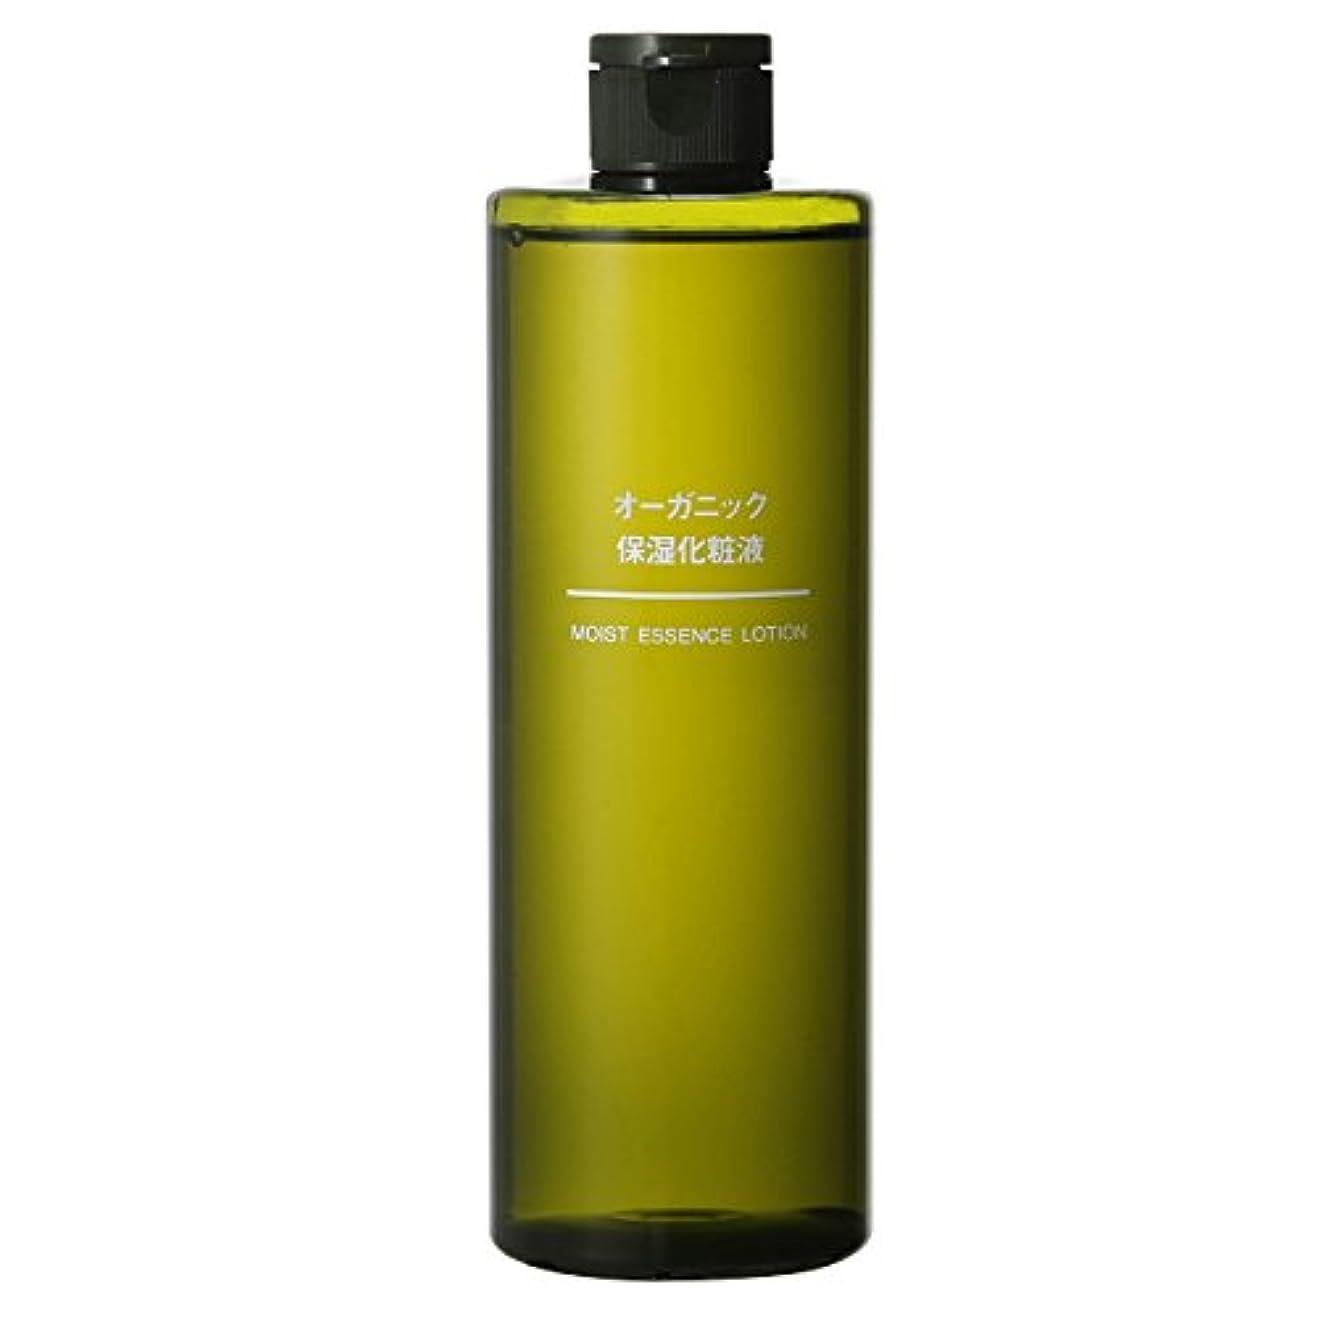 薄いですルームカートン無印良品 オーガニック保湿化粧液(大容量) 400ml